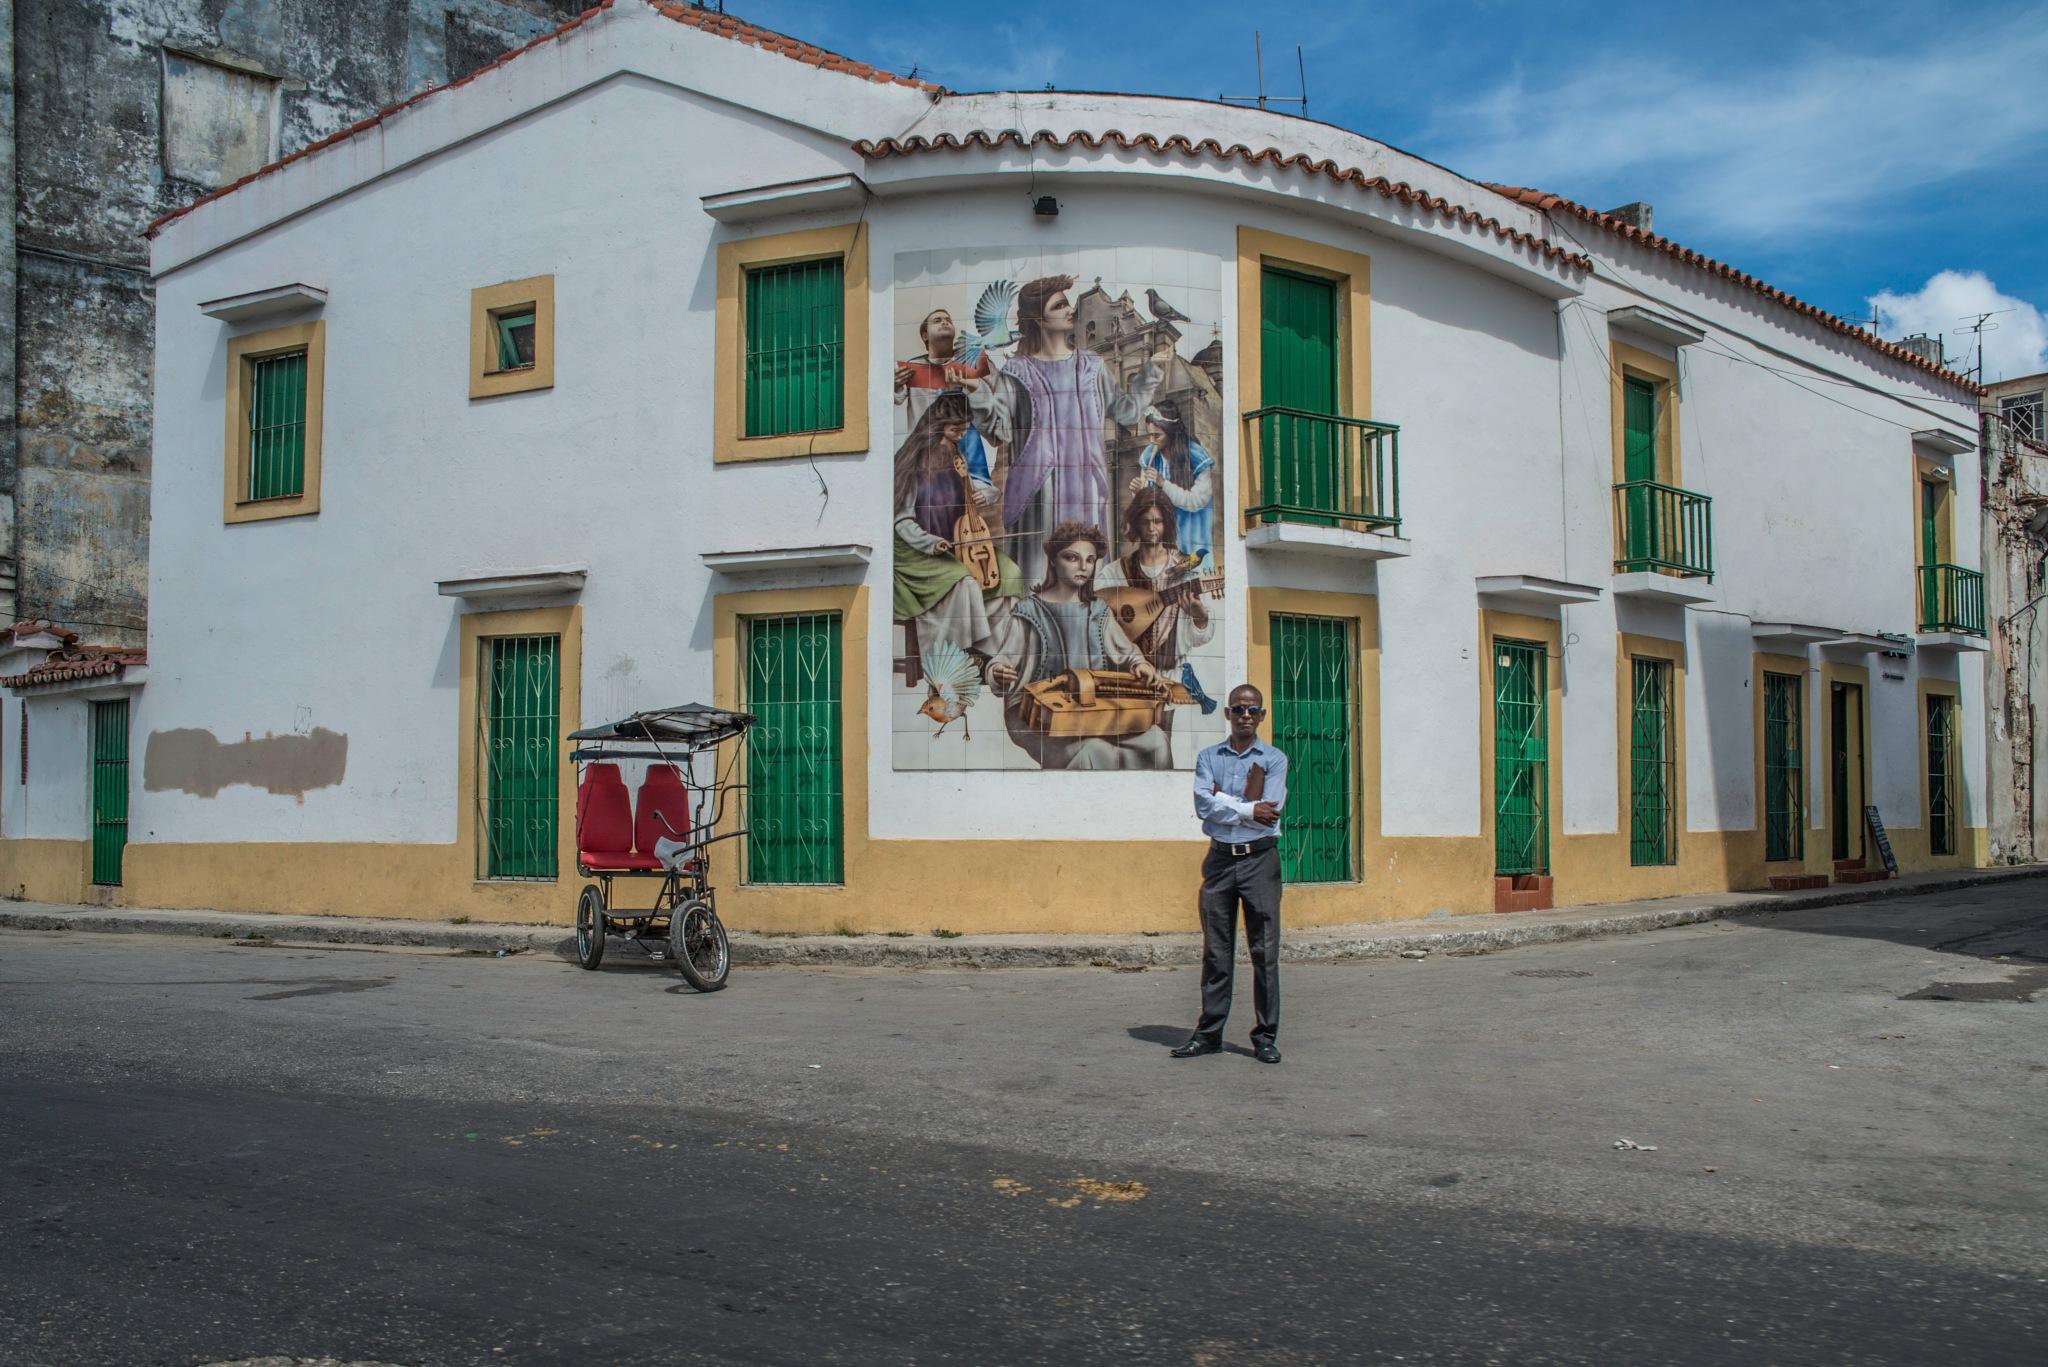 cuba streets by Alessandro Longo